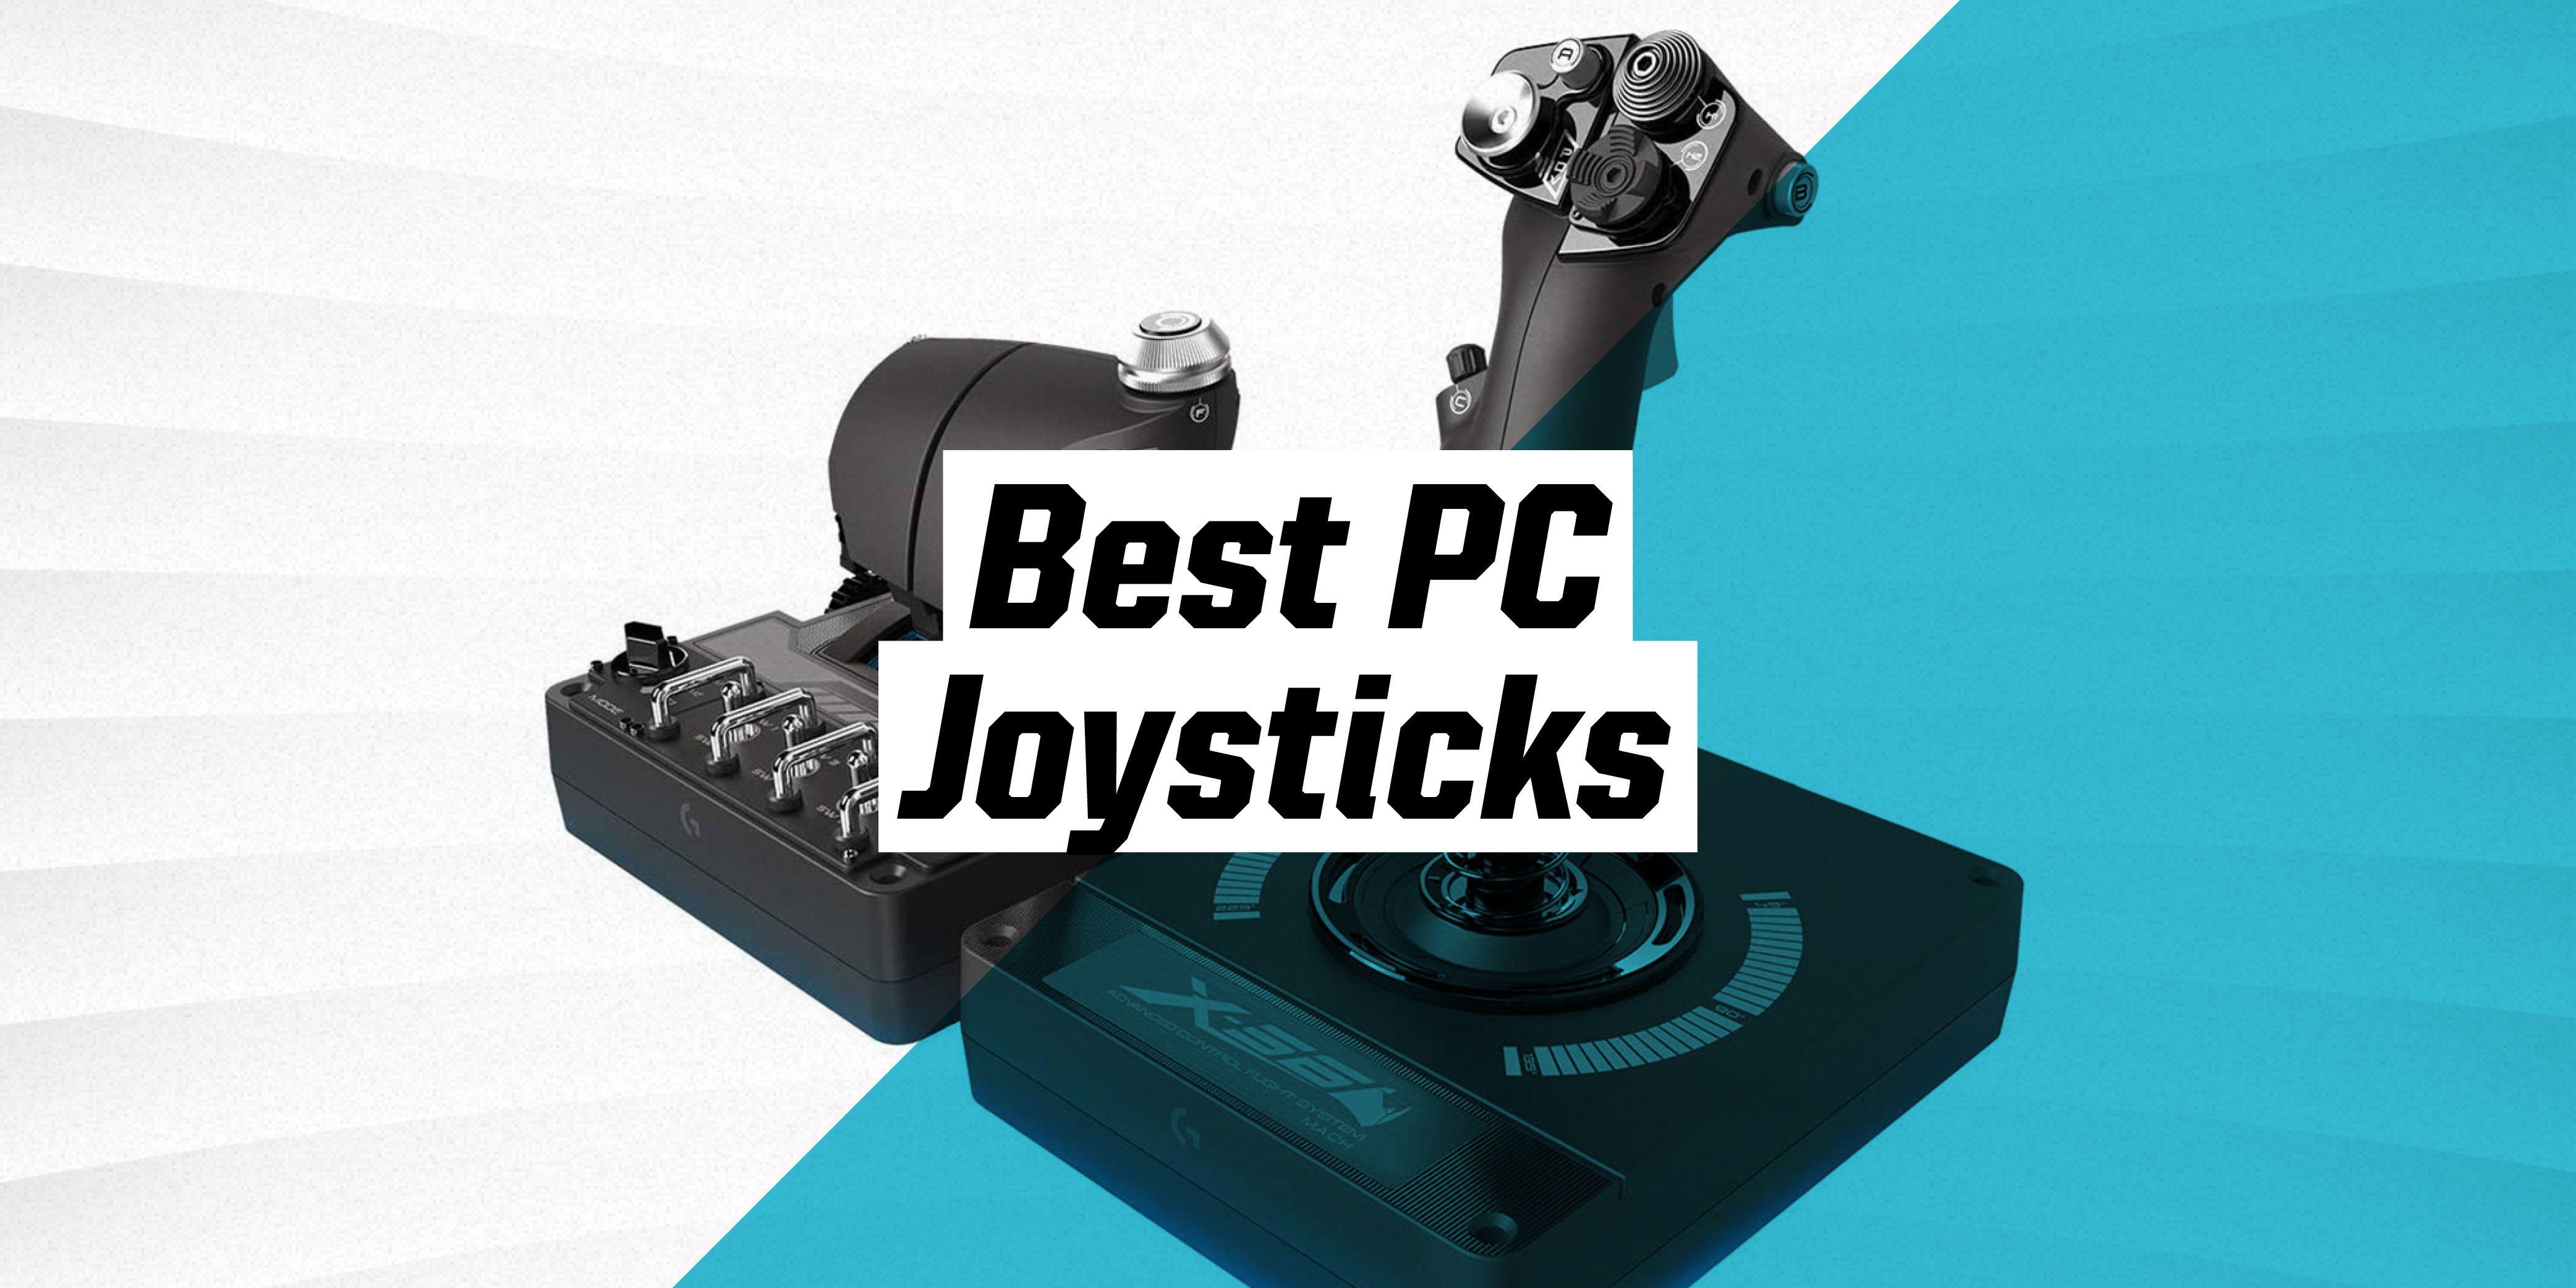 The 5 Best PC Joysticks for Flying